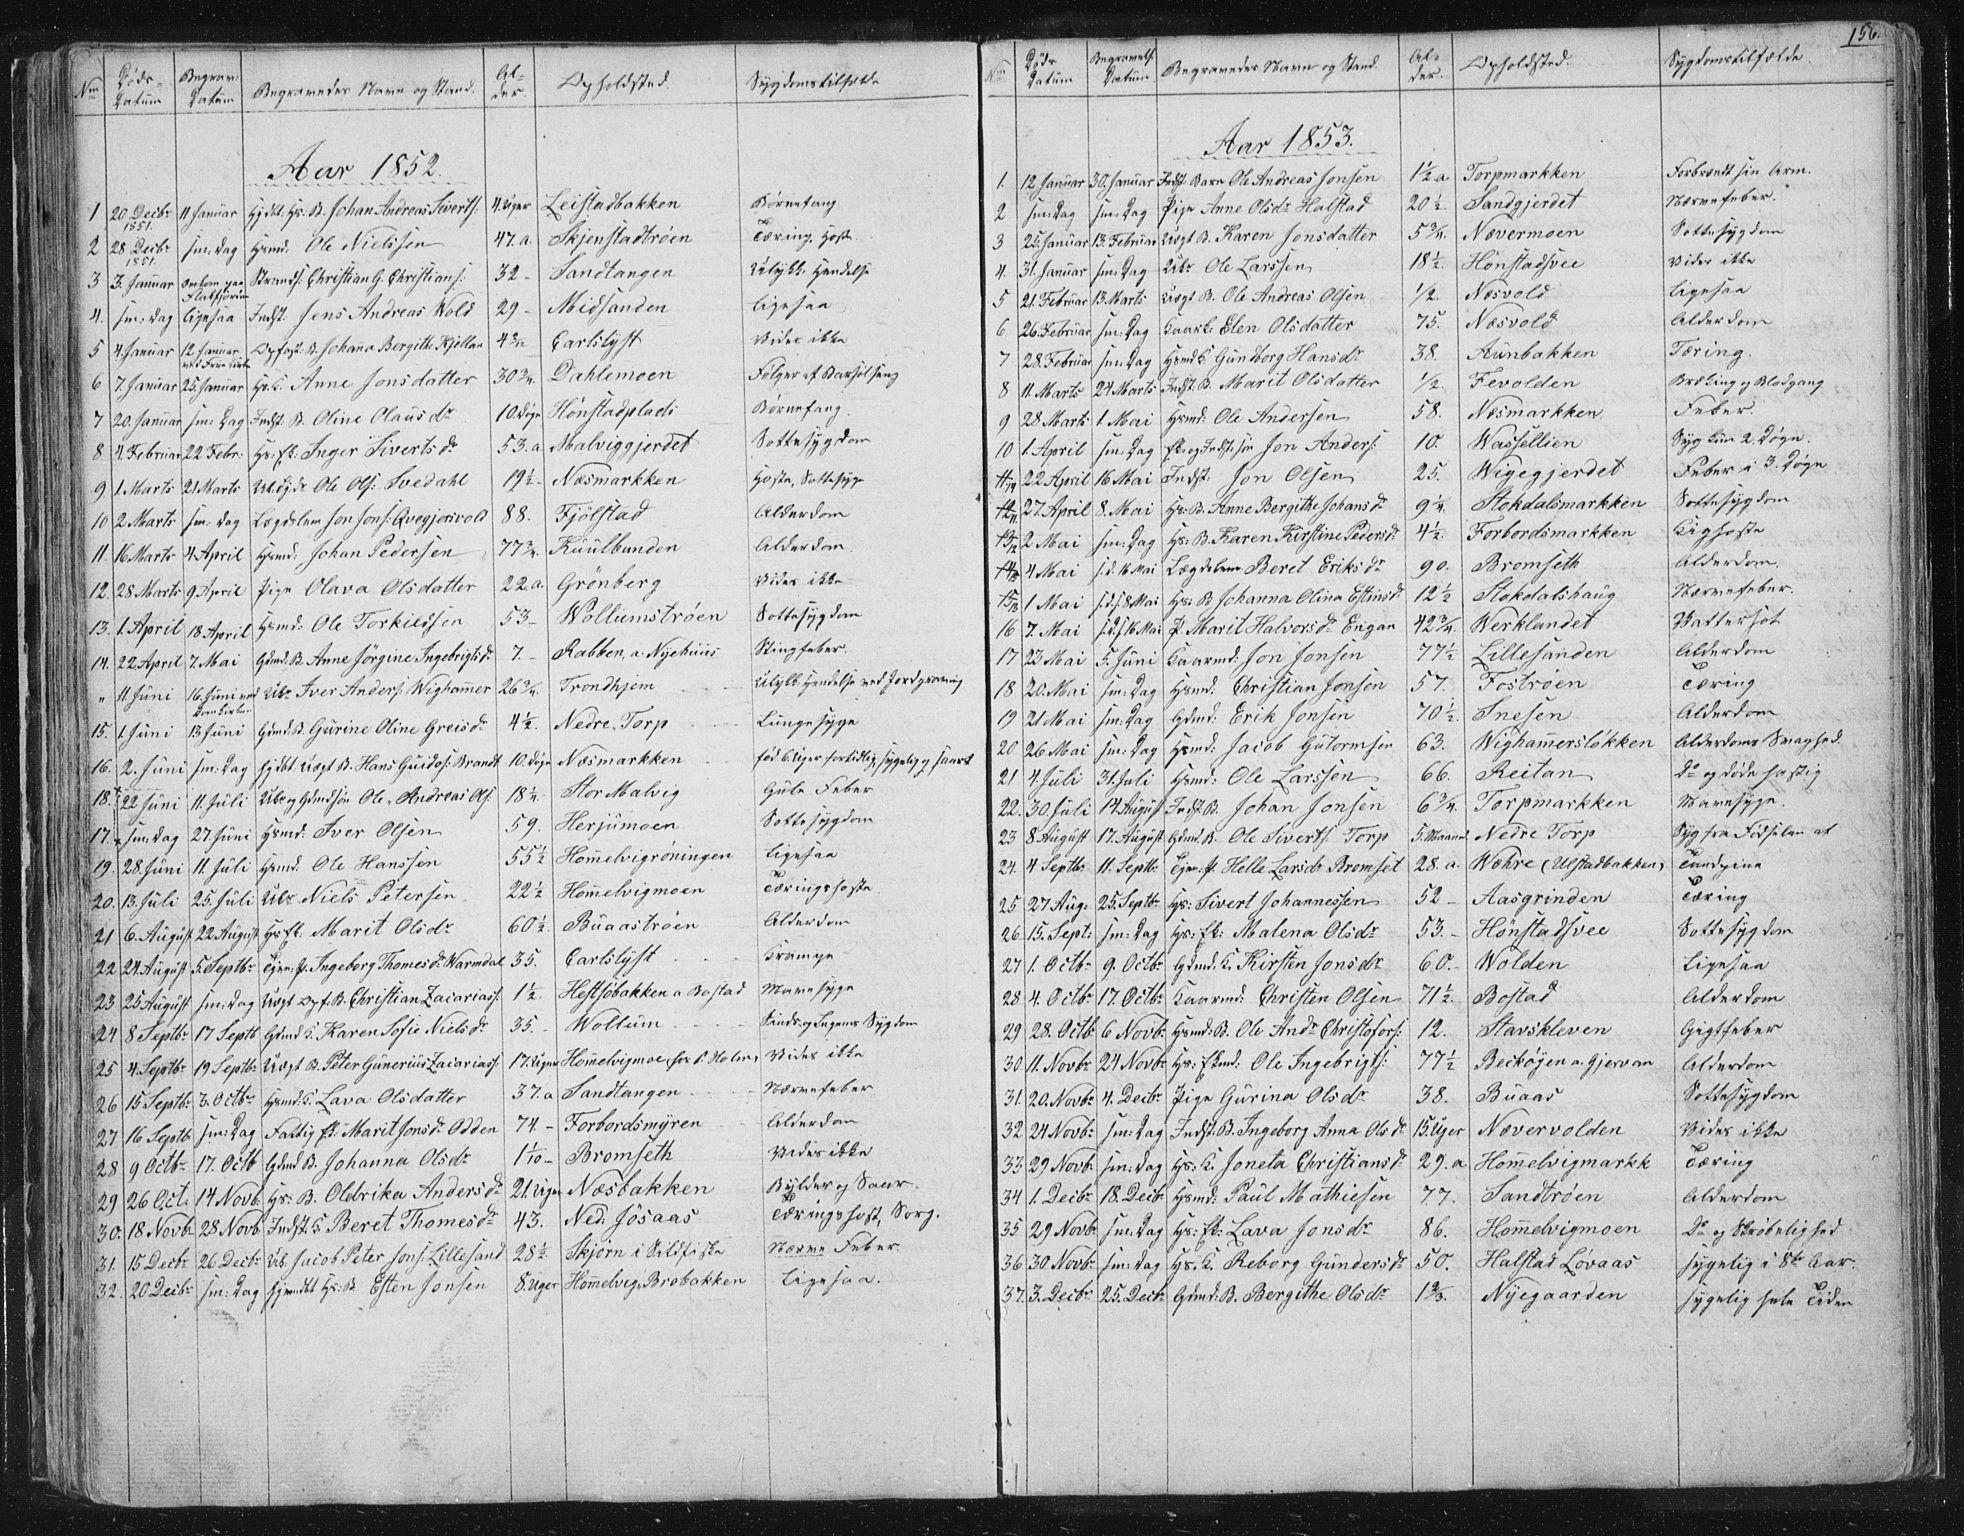 SAT, Ministerialprotokoller, klokkerbøker og fødselsregistre - Sør-Trøndelag, 616/L0406: Ministerialbok nr. 616A03, 1843-1879, s. 156